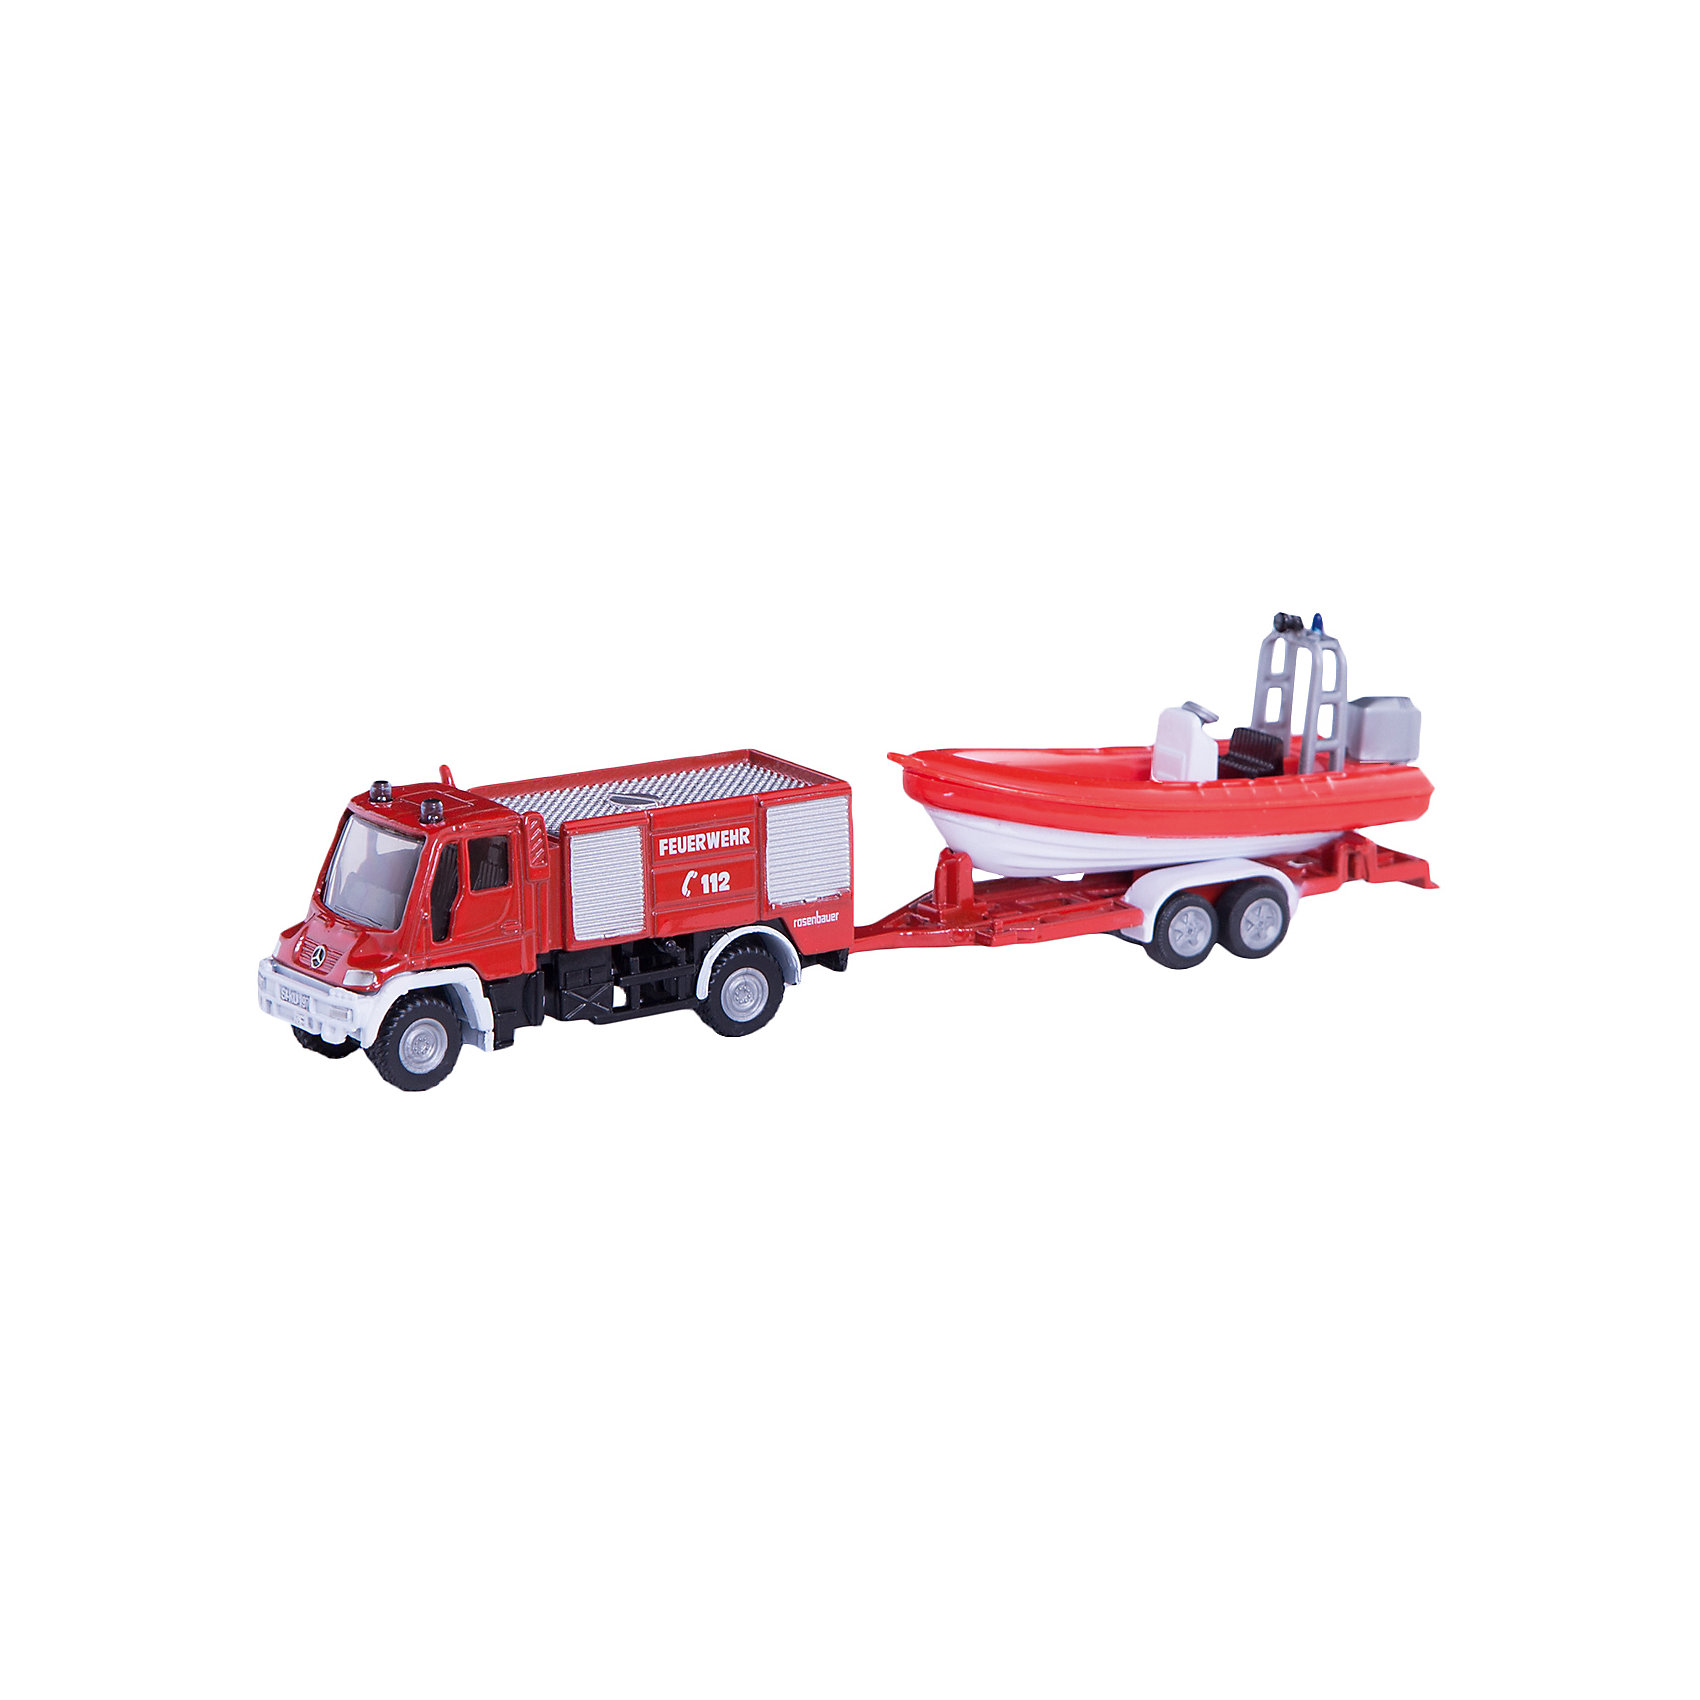 SIKU 1636 Пожарная машина Unimog с катером 1:87Коллекционные модели<br>SIKU (СИКУ) 1636 Пожарная машина Unimog с катером 1:87<br><br>Корпус тягача и прицепа выполнены из металла, лобовое и боковые стёкла из прозрачной тонированной пластмассы, колёса выполнены из пластмассы и вращаются, можно катать. Прицеп отцепляется от тягача, катер снимается с прицепа.<br><br>Дополнительная информация:<br>-Материал: металл с элементами пластмассы<br>-Размер игрушки: 17,0 x 2,9 x 4,0 см<br>-Масштаб 1:87<br><br>Тщательно выполненные гравировка и надписи, достойный внешний вид делает эту модель отличным подарком.<br><br>SIKU (СИКУ) 1636 Пожарную машину Unimog с катером 1:87 можно купить  в нашем магазине.<br><br>Ширина мм: 194<br>Глубина мм: 78<br>Высота мм: 35<br>Вес г: 91<br>Возраст от месяцев: 36<br>Возраст до месяцев: 96<br>Пол: Мужской<br>Возраст: Детский<br>SKU: 1520027